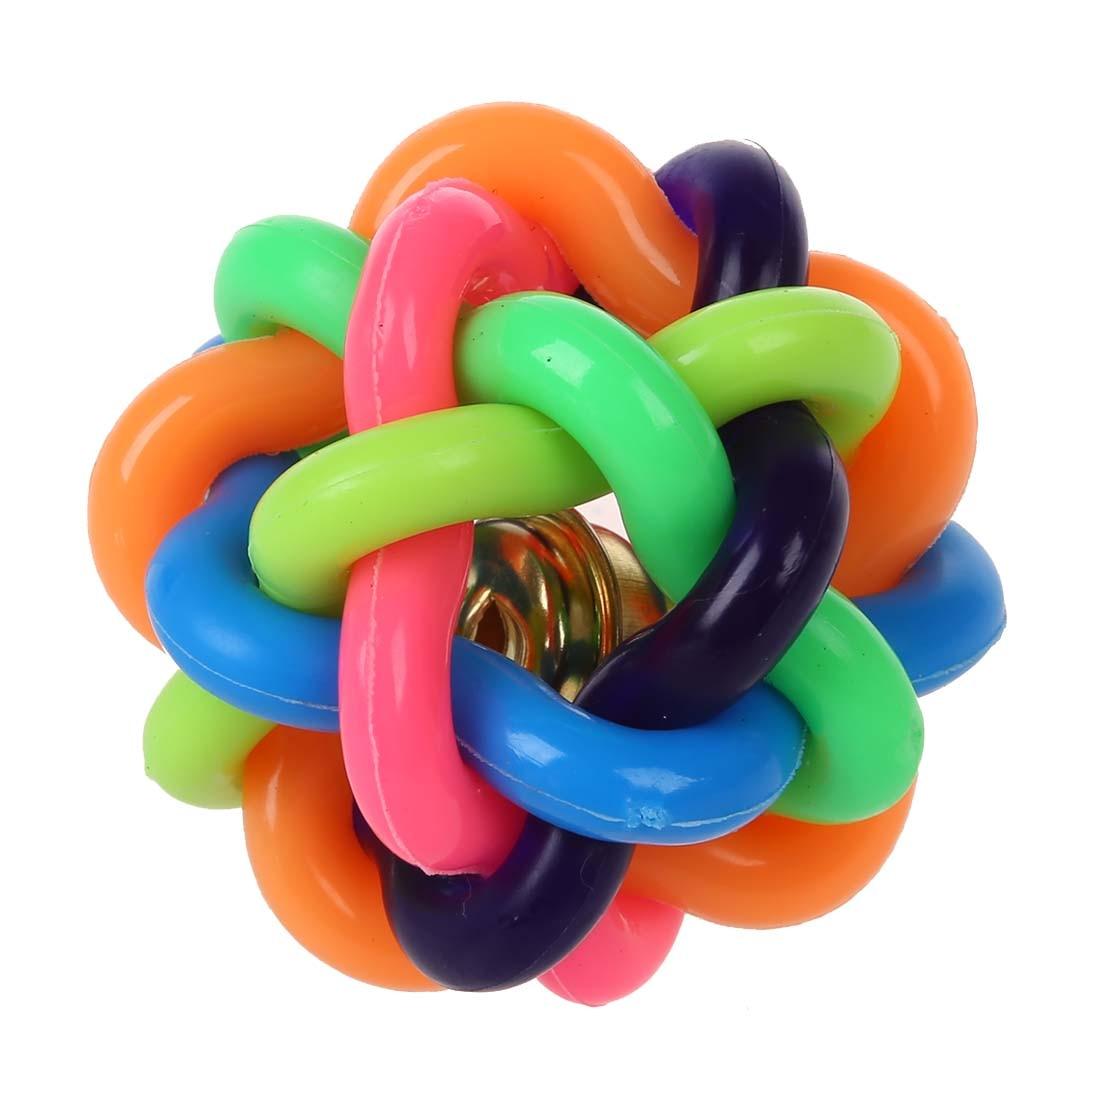 4.5 Cm Maat Pet Dog Puppy Kat Regenboog Kleur Rubber Bell Ball Speelgoed Geluid Ronde Bal Zacht En Licht